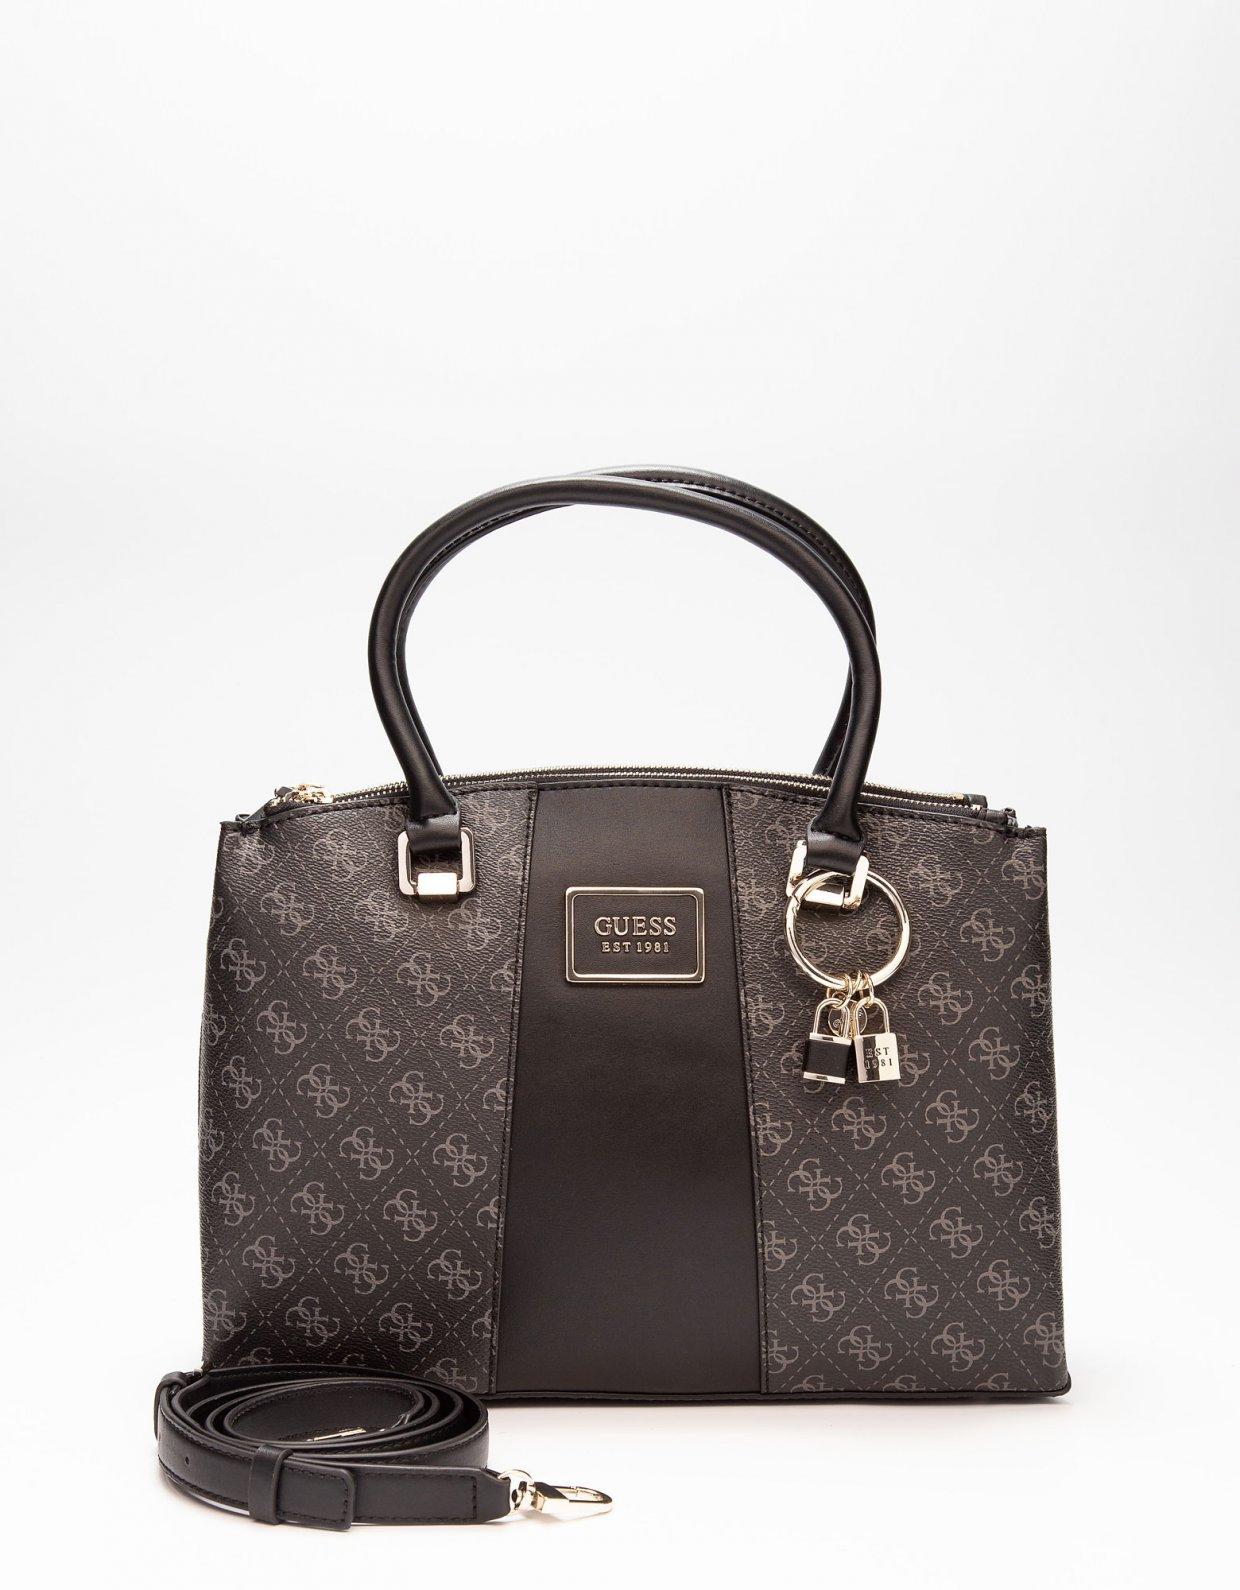 Guess Tyren status satchel handbag dark grey